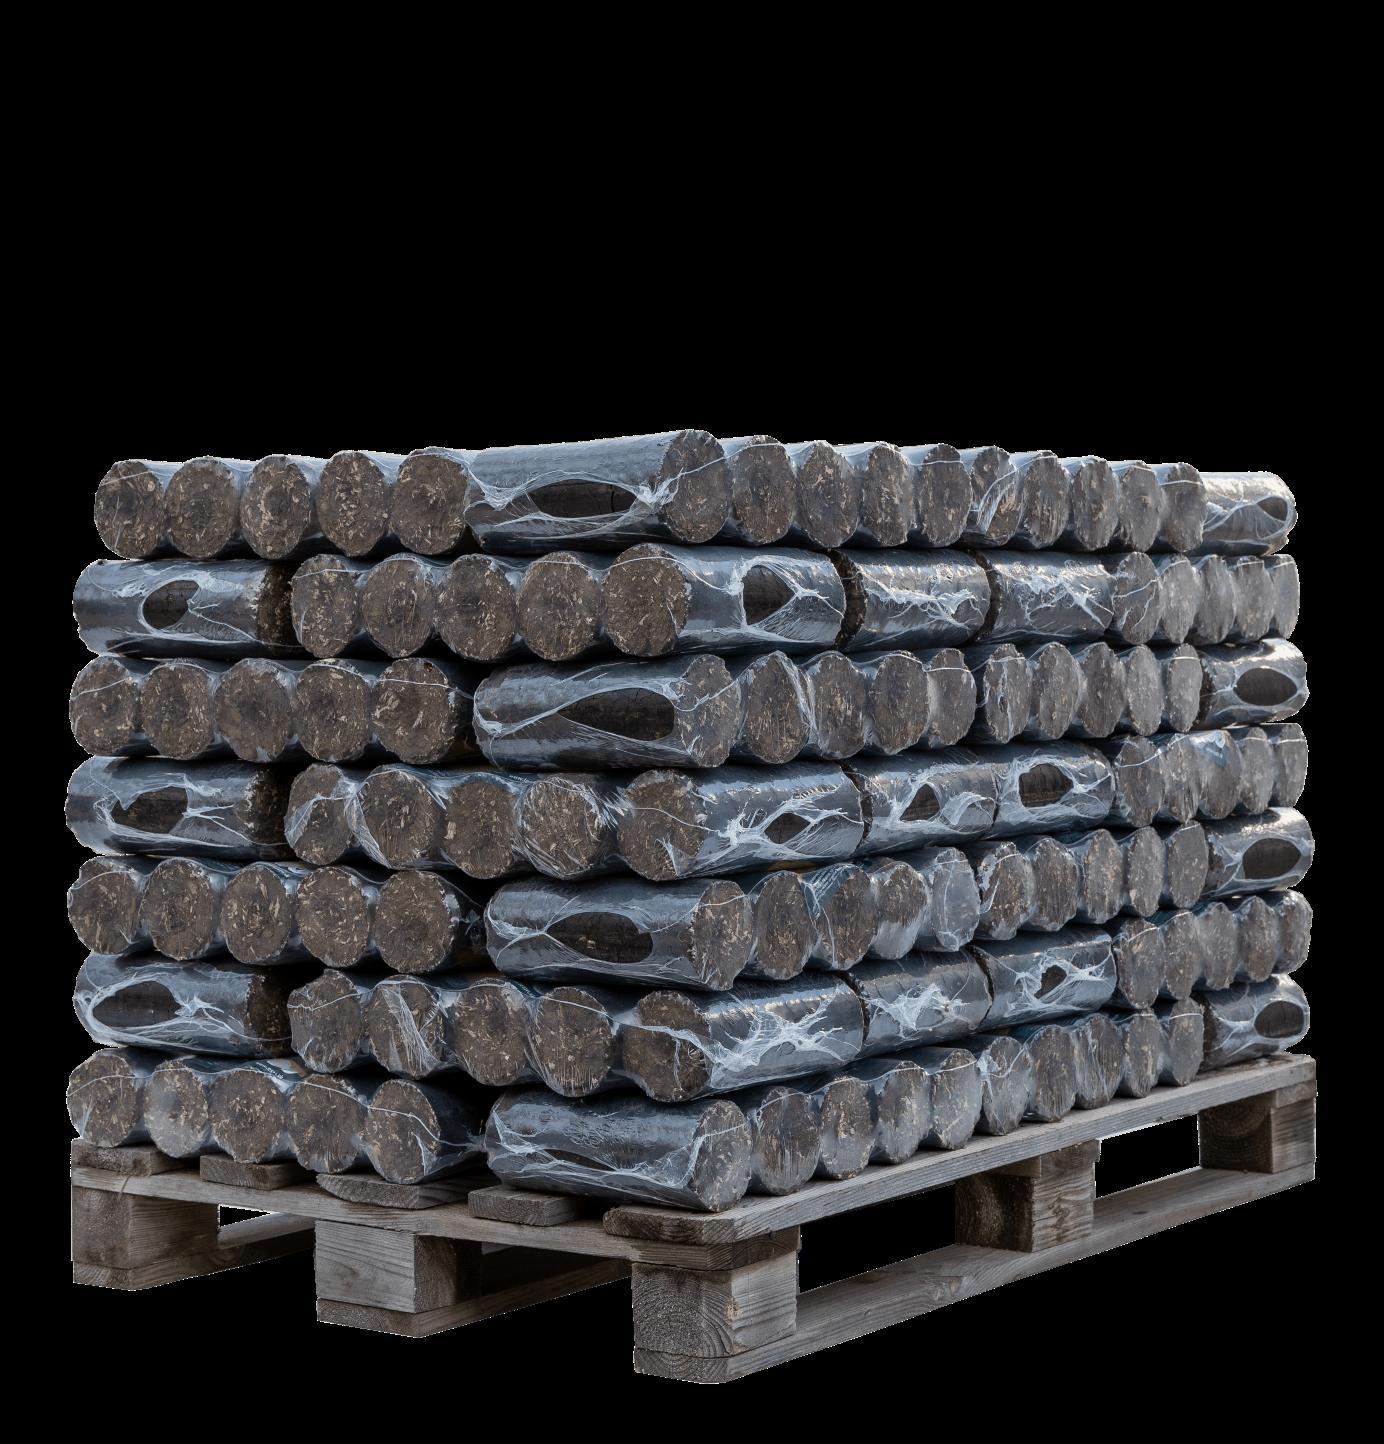 Nočné brikety - 500 kg na palete - Obrázok č. 1